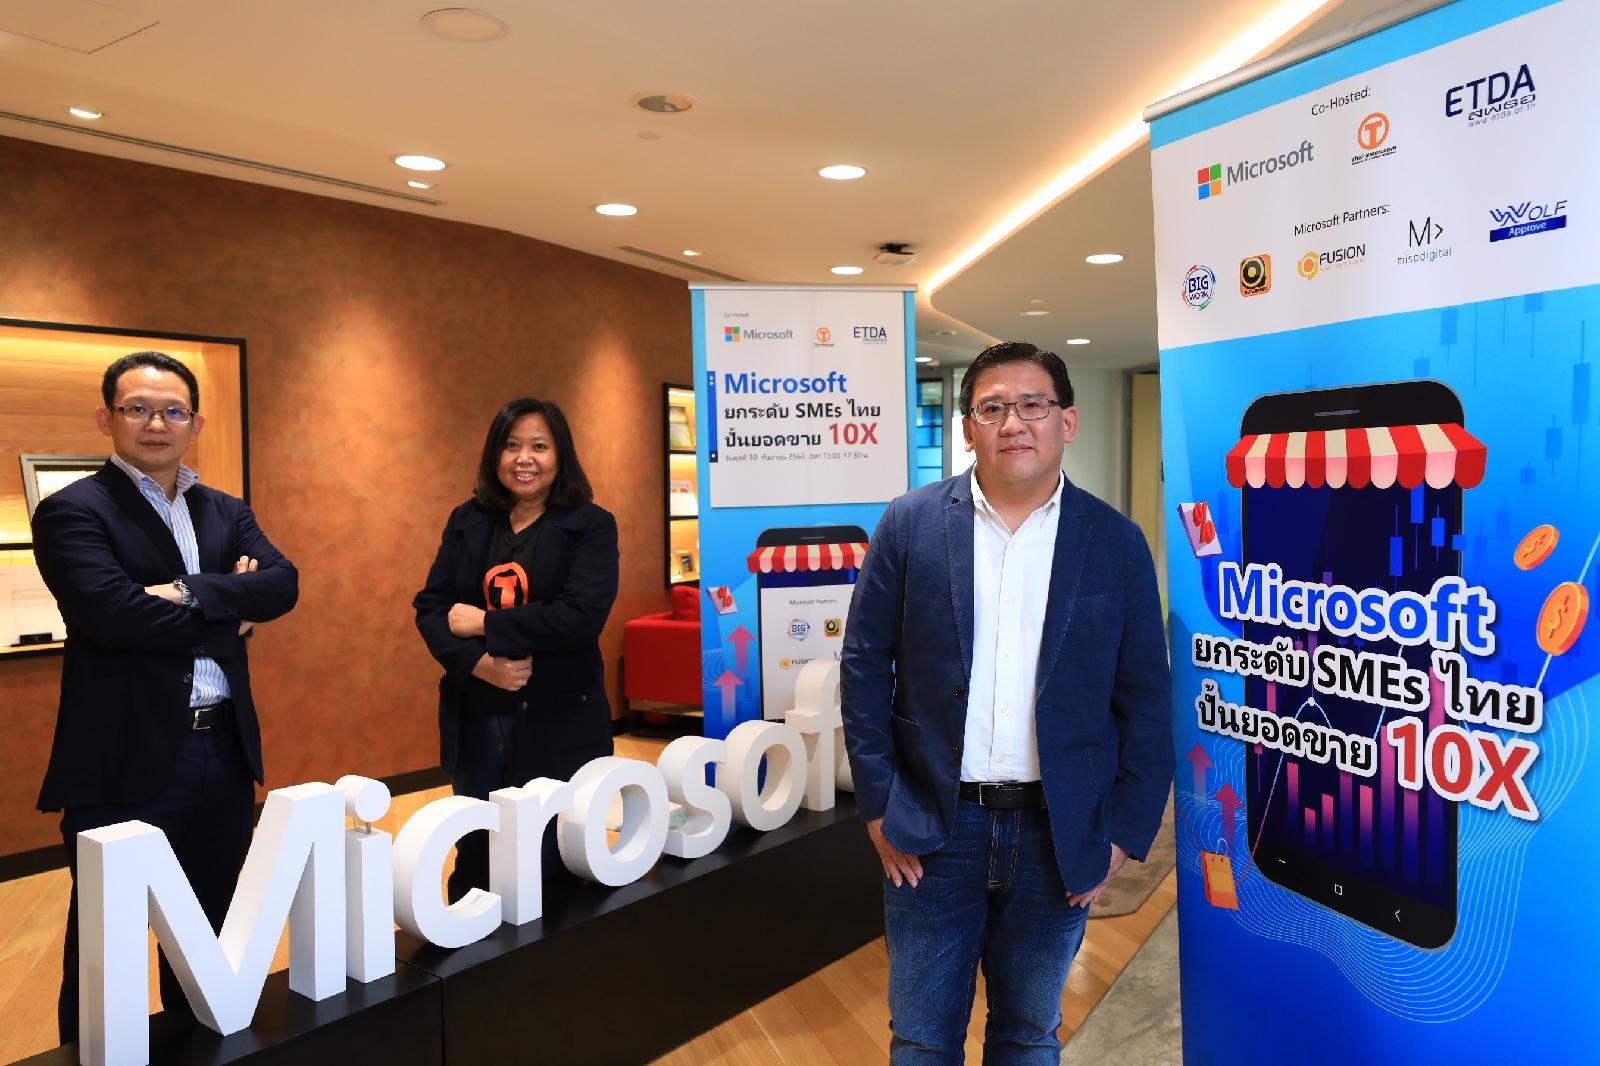 Microsoft จับมือ Thai SMEs สพธอ. และพาร์ทเนอร์เชิงนวัตกรรมเปิดโครงการไมโครซอฟท์ยกระดับเอสเอ็มอีไทย